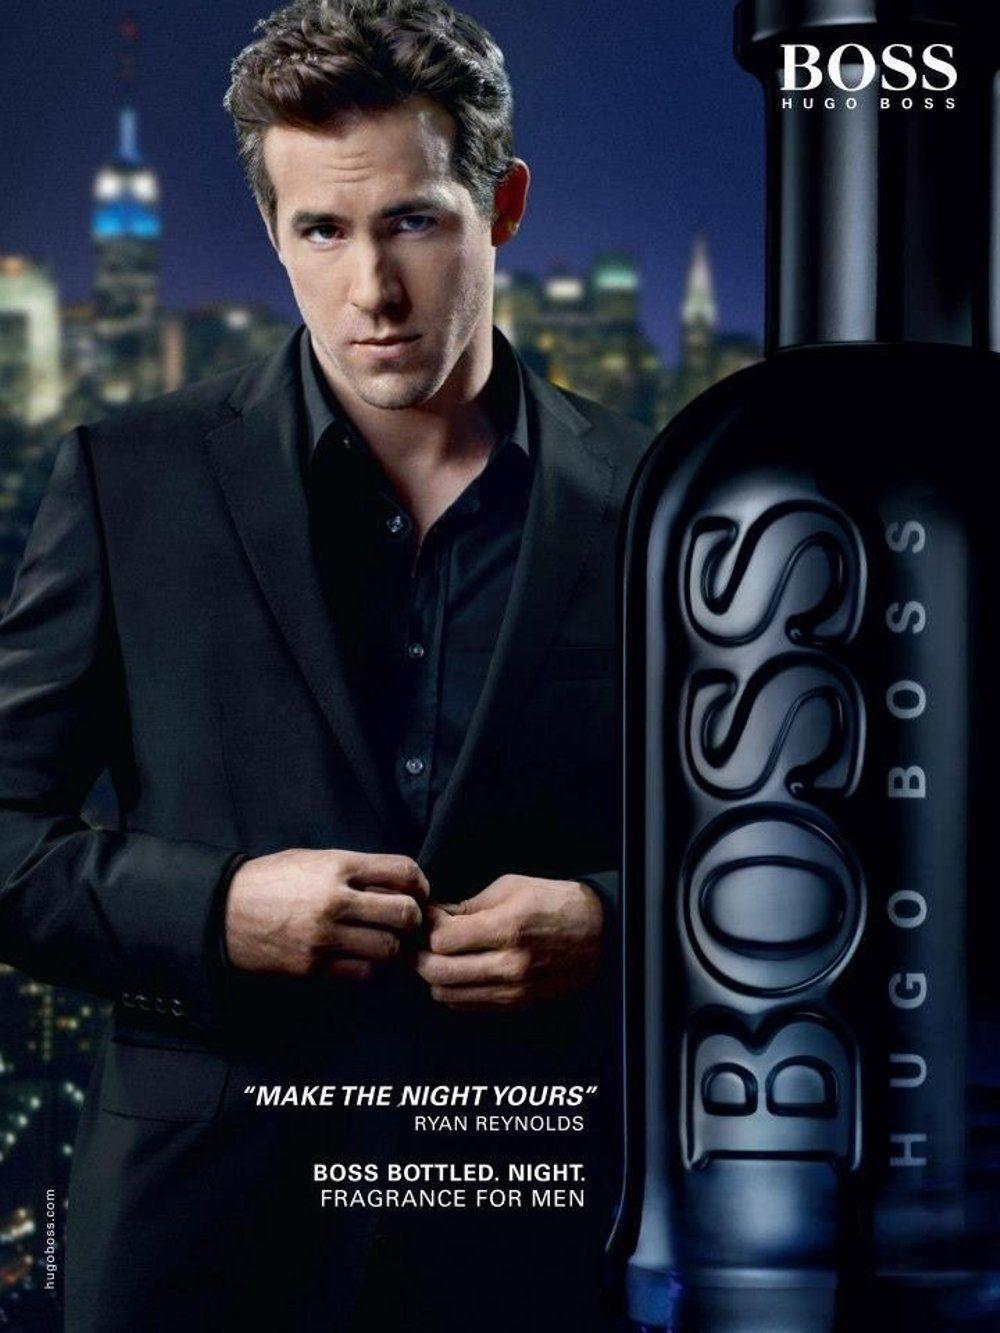 Image Result For Hugo Boss Bottled Night Ad Parfumhugoboss Hugo Boss Perfume Hugo Boss Perfume Ad Hugo Boss